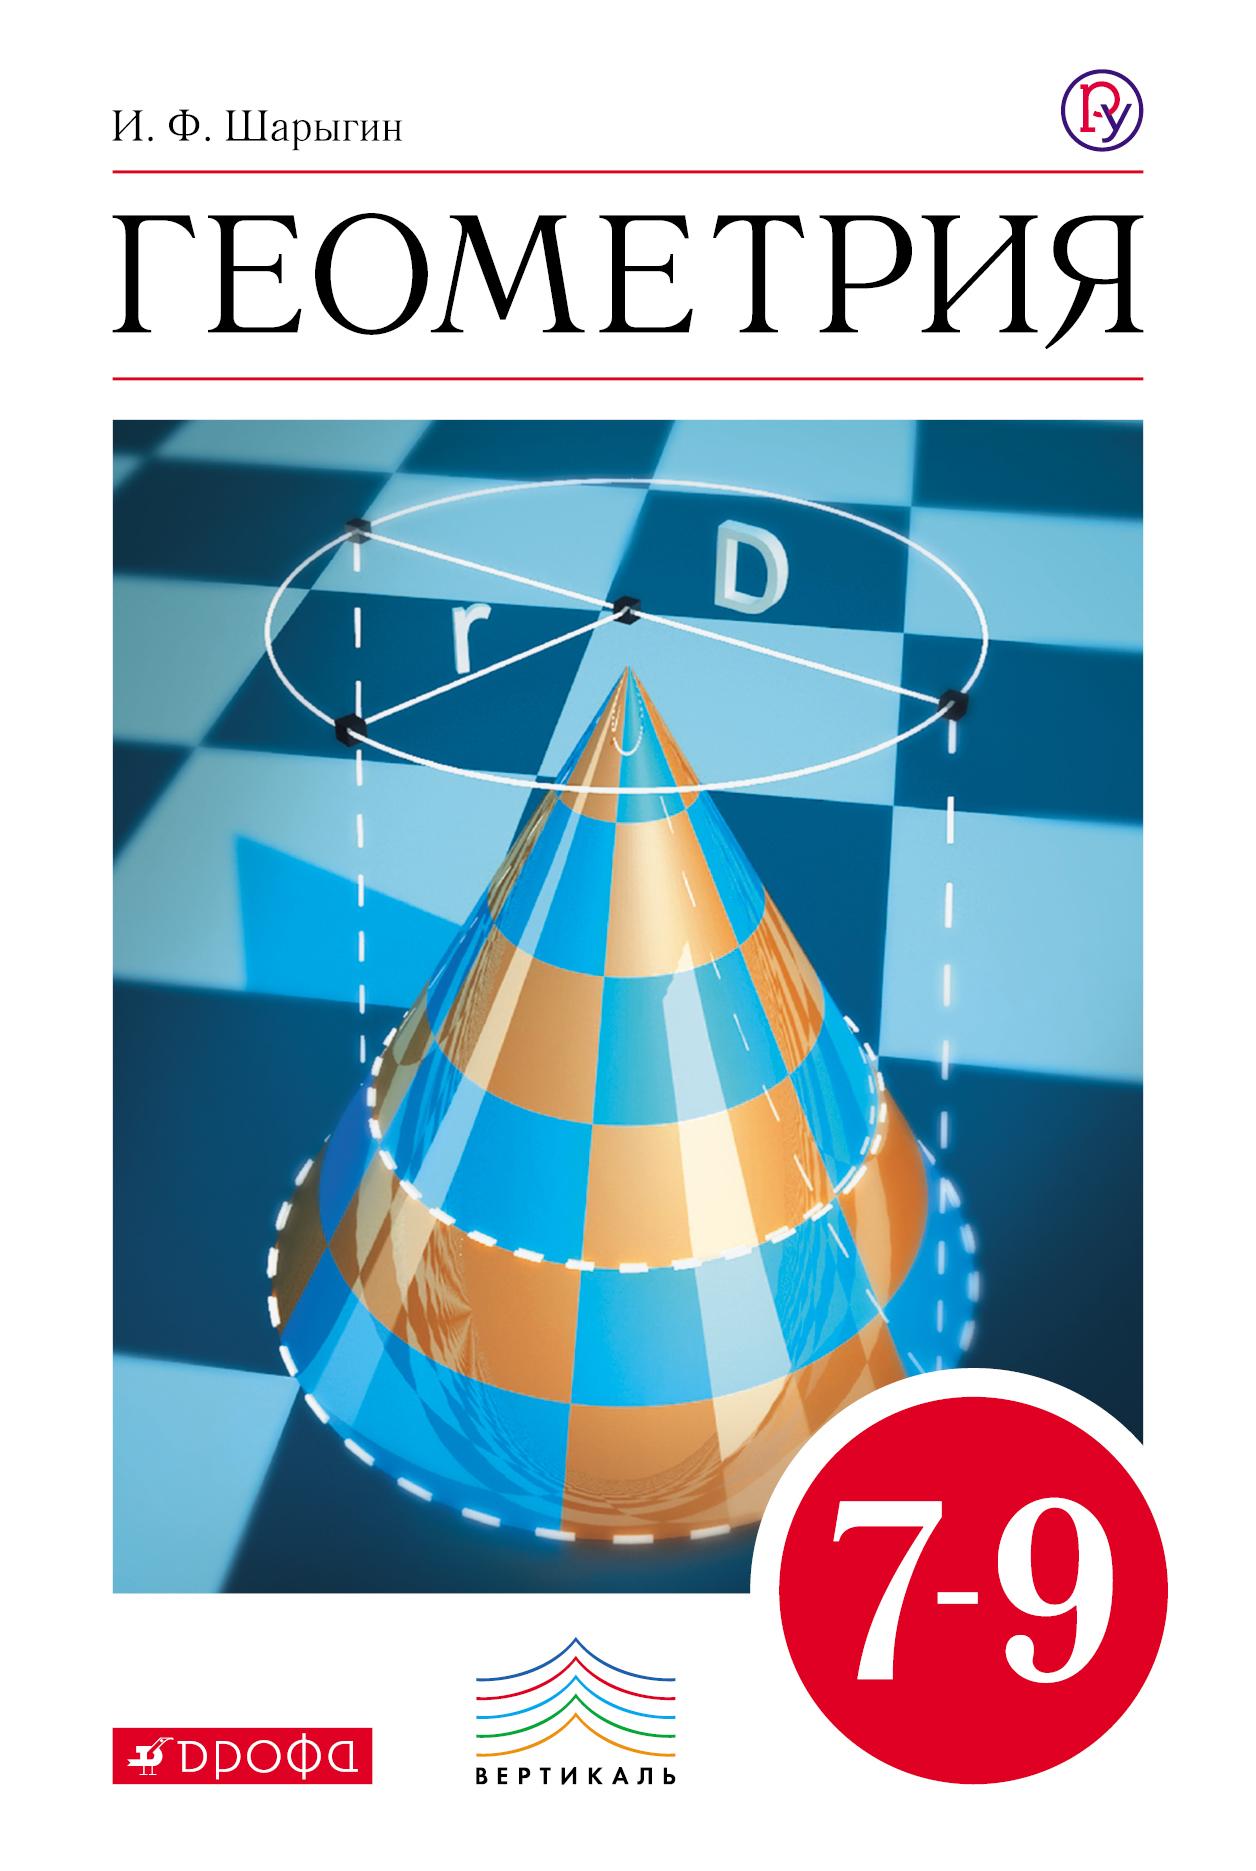 Шарыгин И.Ф. Геометрия. 7-9 классы. Учебник